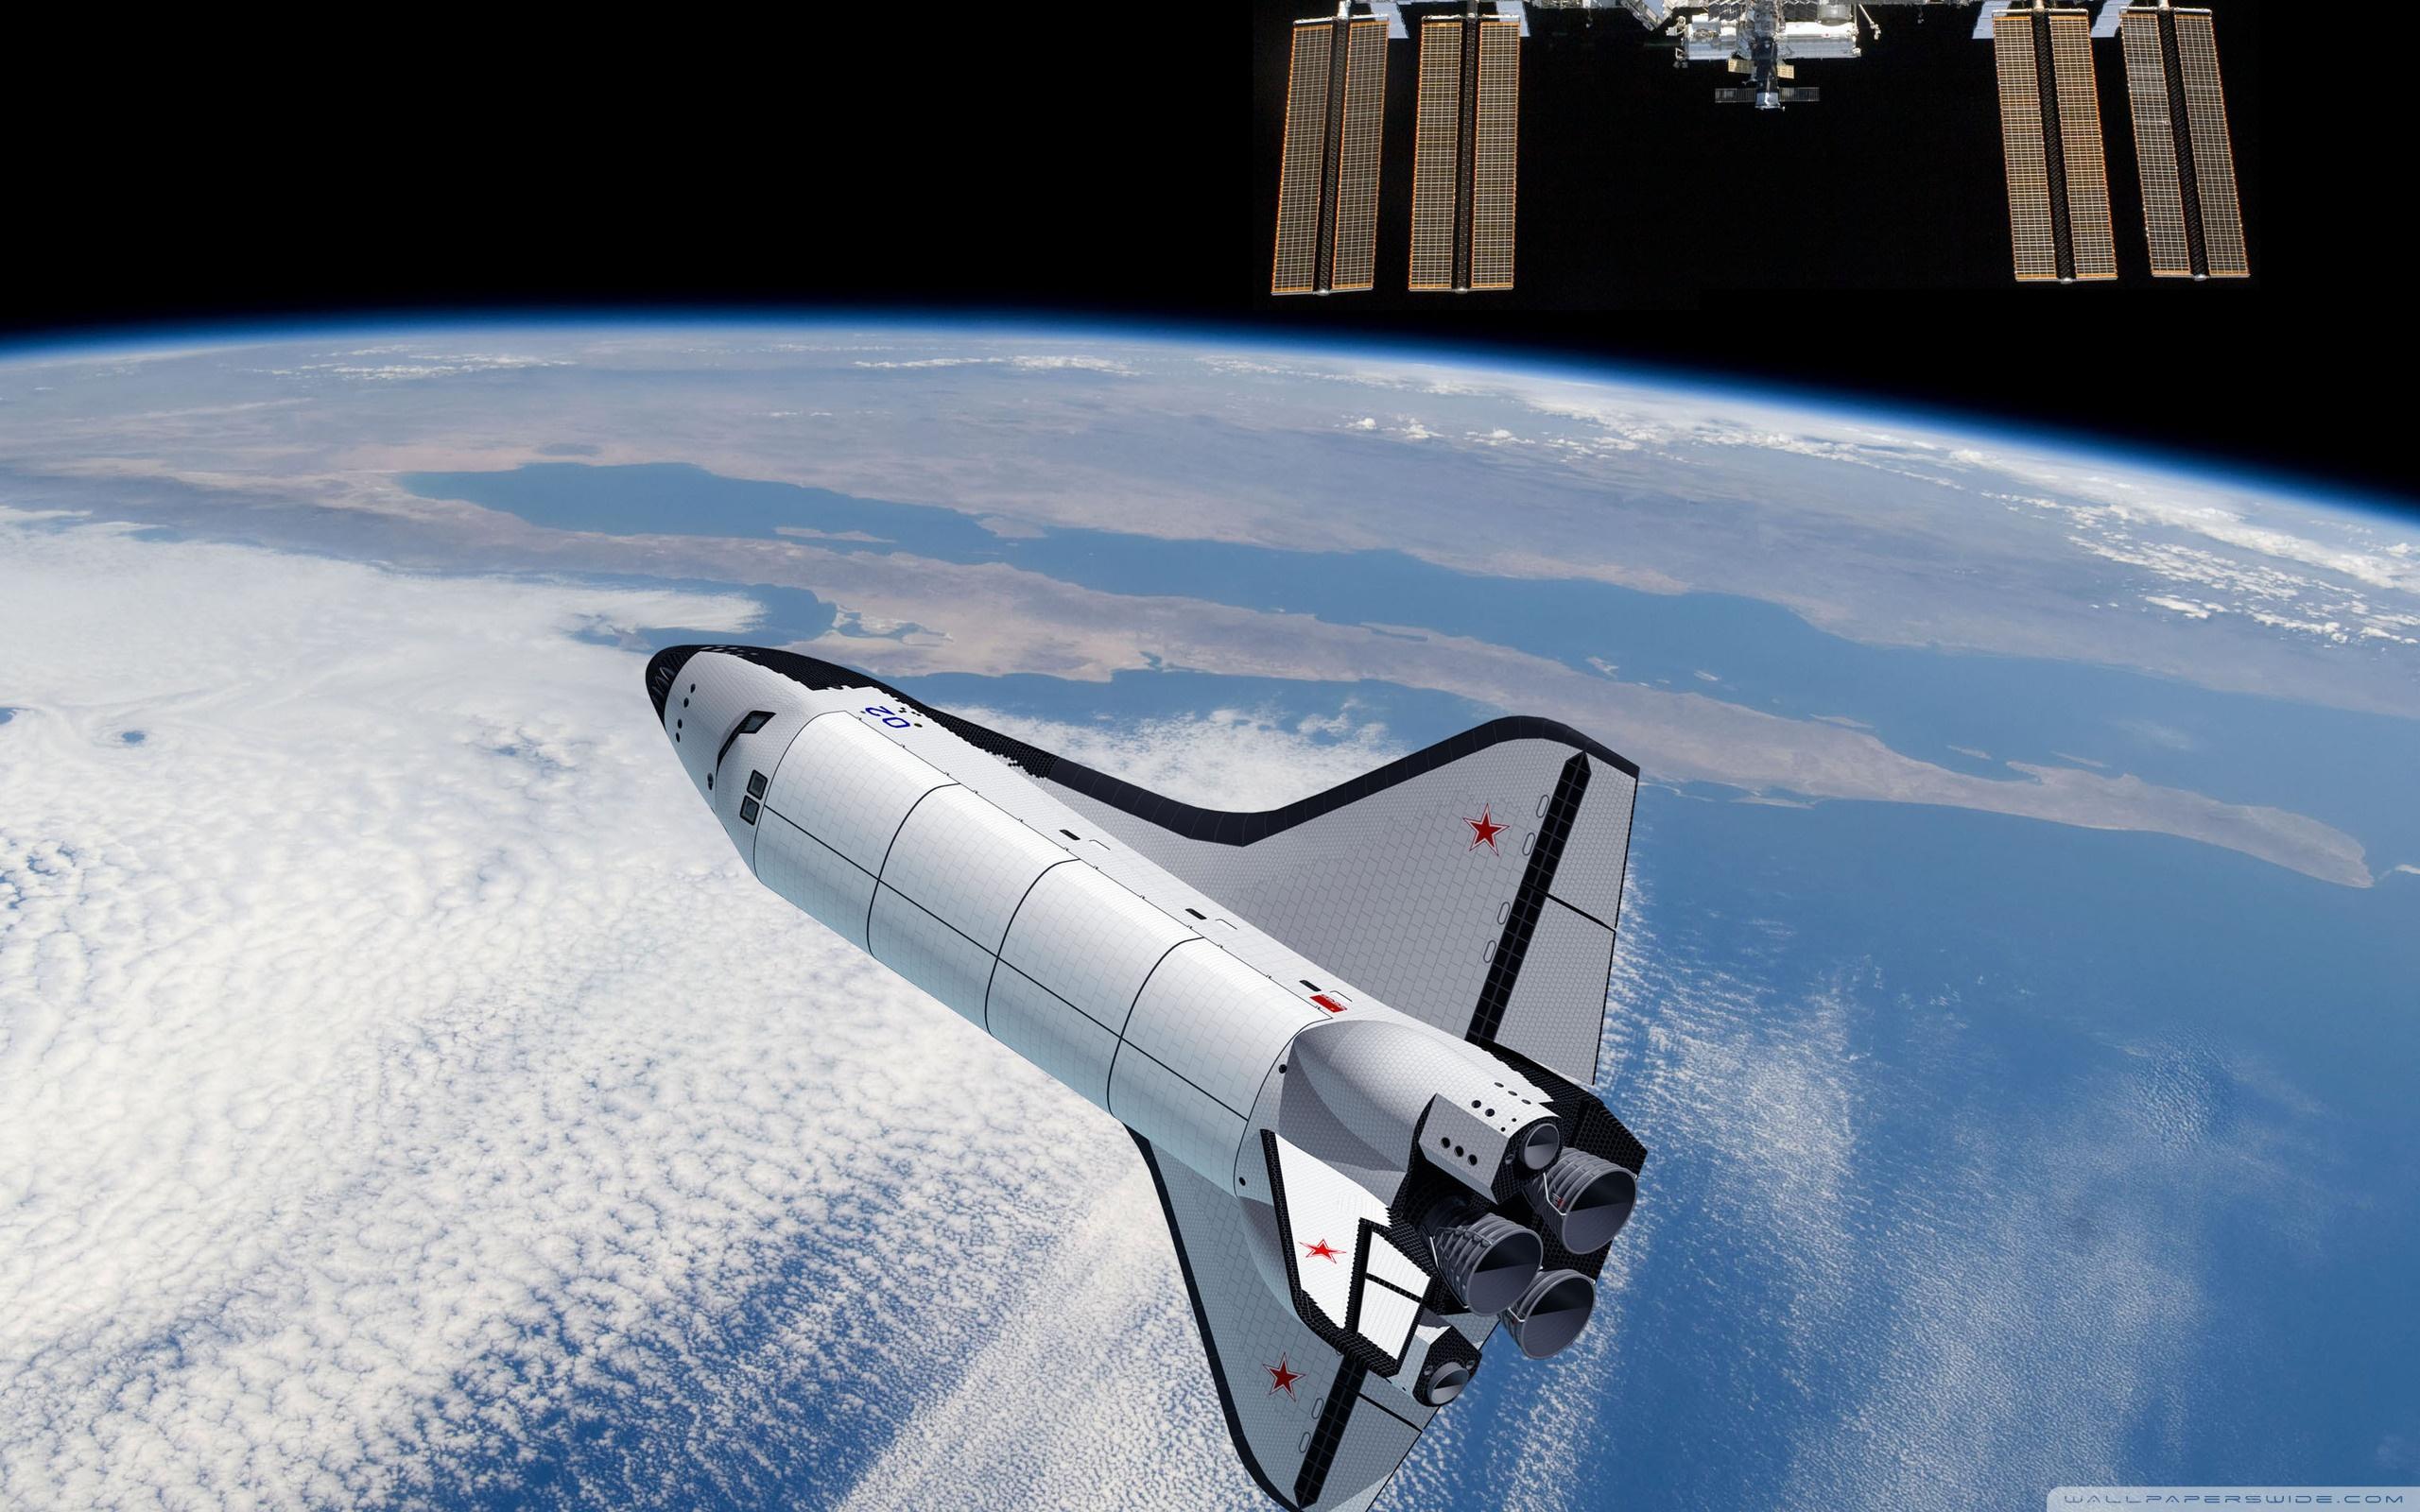 Space Shuttle Hd Hd Wallpaper - Space Shuttle Wallpaper Hd , HD Wallpaper & Backgrounds